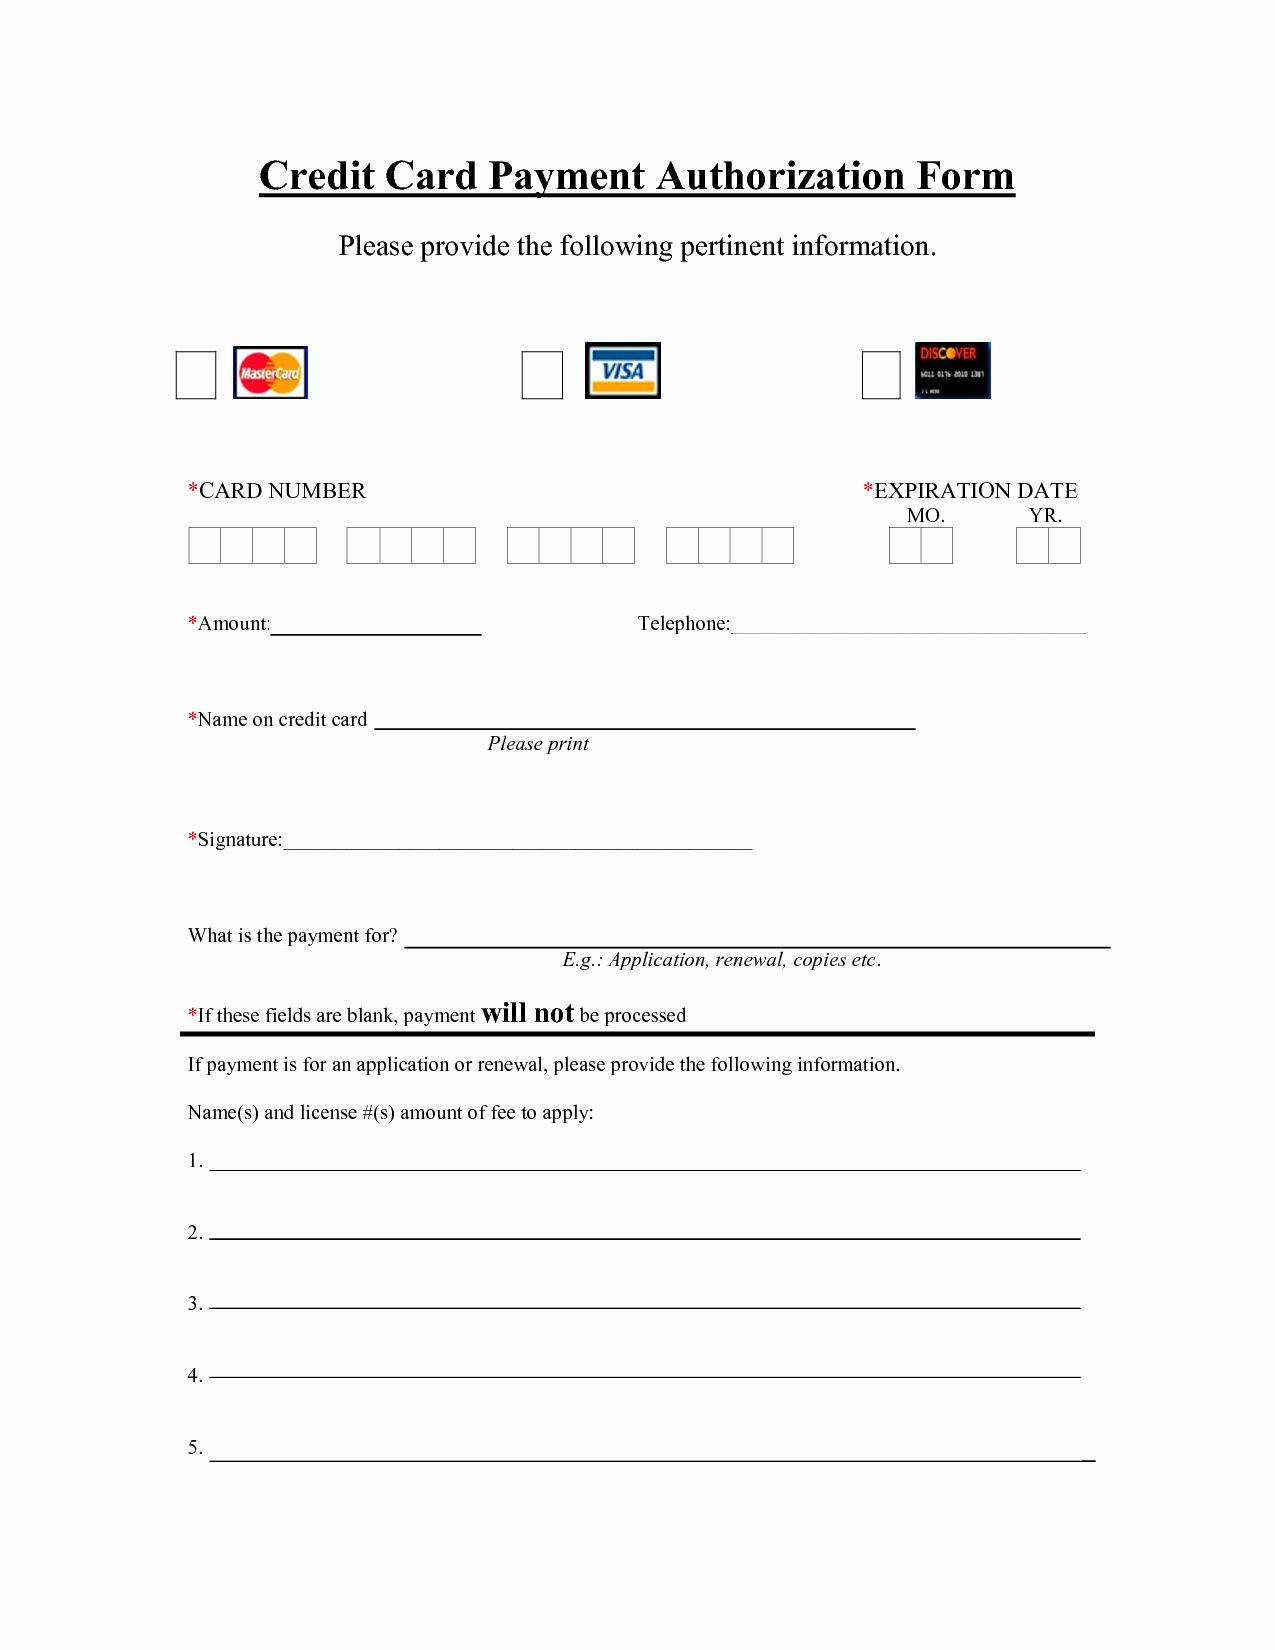 Payment Authorization Form Template Unique Template Credit Card Payment Authorization Template In 2020 Corporate Credit Card Credit Card Application Credit Card